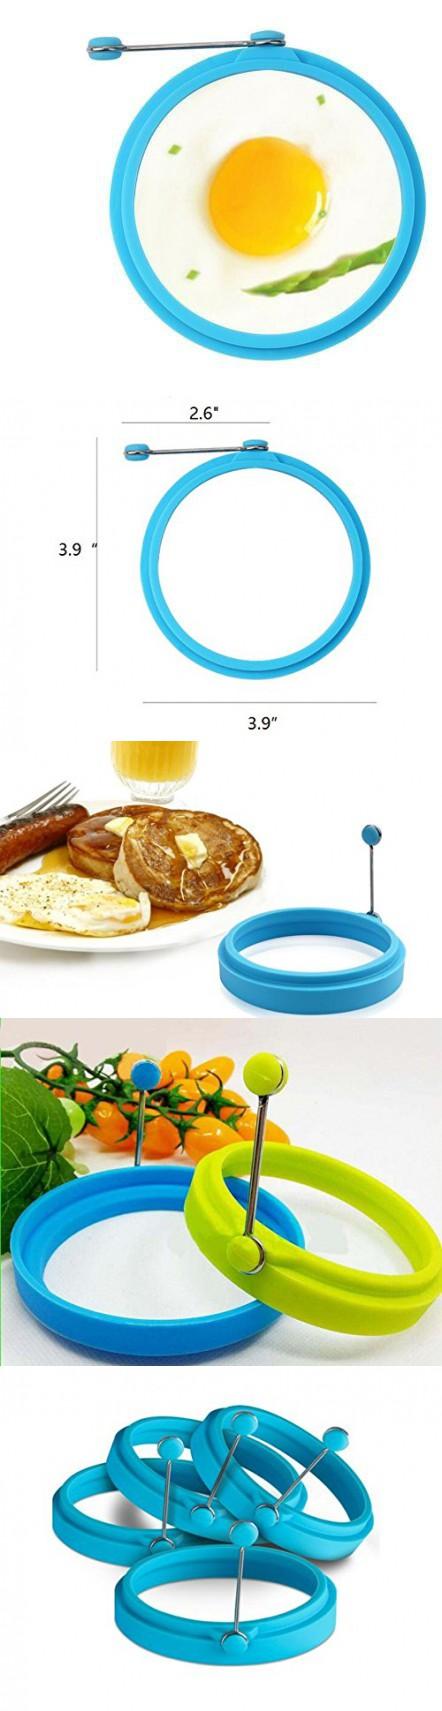 Premium Silicone Egg Cooker Ring / Pancake Rings 4-Pack Silicone Egg Ring - Egg Mold - Silicone Pancake (4, Blue )